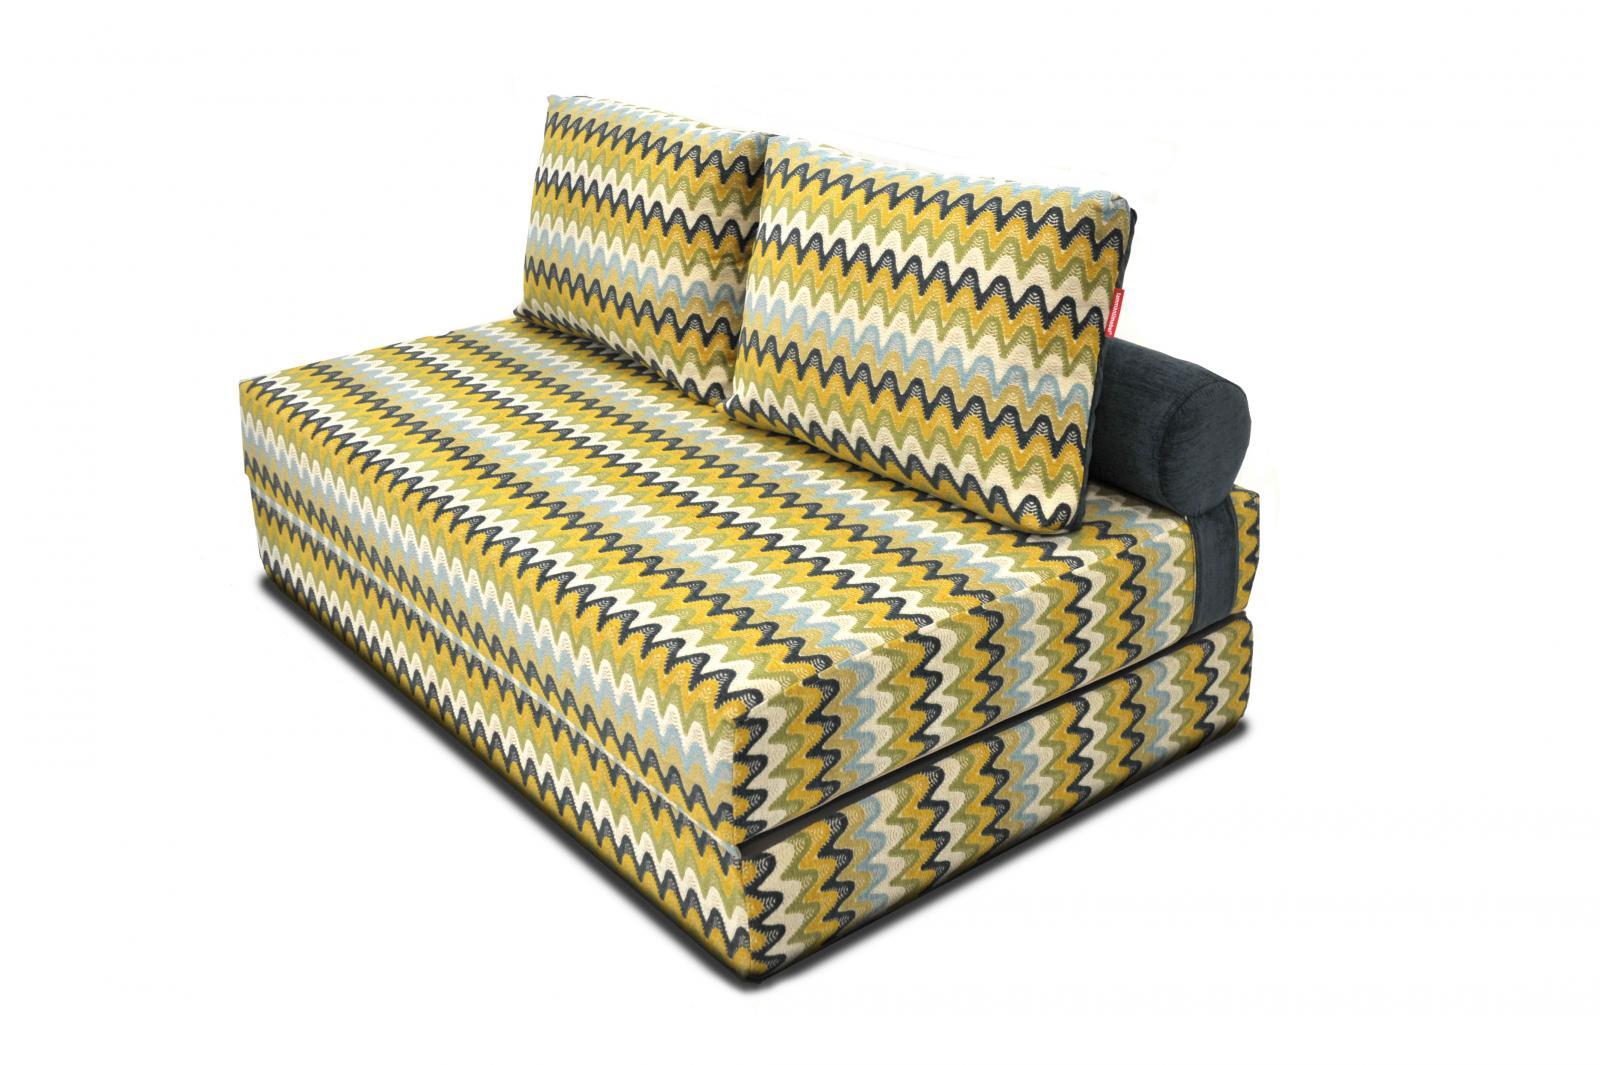 Диван-кровать Costa РошельПрямые раскладные диваны<br>Бескаркасное кресло-кровать из коллекции IQMebel  - это одновременно и уютный диванчик для двоих и полноценная двуспальная  кровать (размером 140*200). Оно экономит место в вашей квартире. Кресло–кровать незаменимо, когда к вам неожиданно нагрянули гости с ночевкой. В отличии от стандартной корпусной мебели его можно с легкостью передвигать с места на место, ведь его вес всего 25 кг. Отсутствие твердых элементов гарантирует вашу безопасность и защиту от травм. Габариты: ширина 140 см., длина 100см. (в сложенном виде), длина 200см. (в разложенном).&amp;amp;nbsp;&amp;lt;div&amp;gt;&amp;lt;br&amp;gt;&amp;lt;/div&amp;gt;&amp;lt;div&amp;gt;Ткань: внешний чехол – авторский гобелен.&amp;amp;nbsp;&amp;lt;div&amp;gt;Внутренний чехол – есть, нейлон-хлопок.&amp;lt;/div&amp;gt;&amp;lt;/div&amp;gt;<br><br>Material: Текстиль<br>Length см: None<br>Width см: 100<br>Depth см: 140<br>Height см: 40